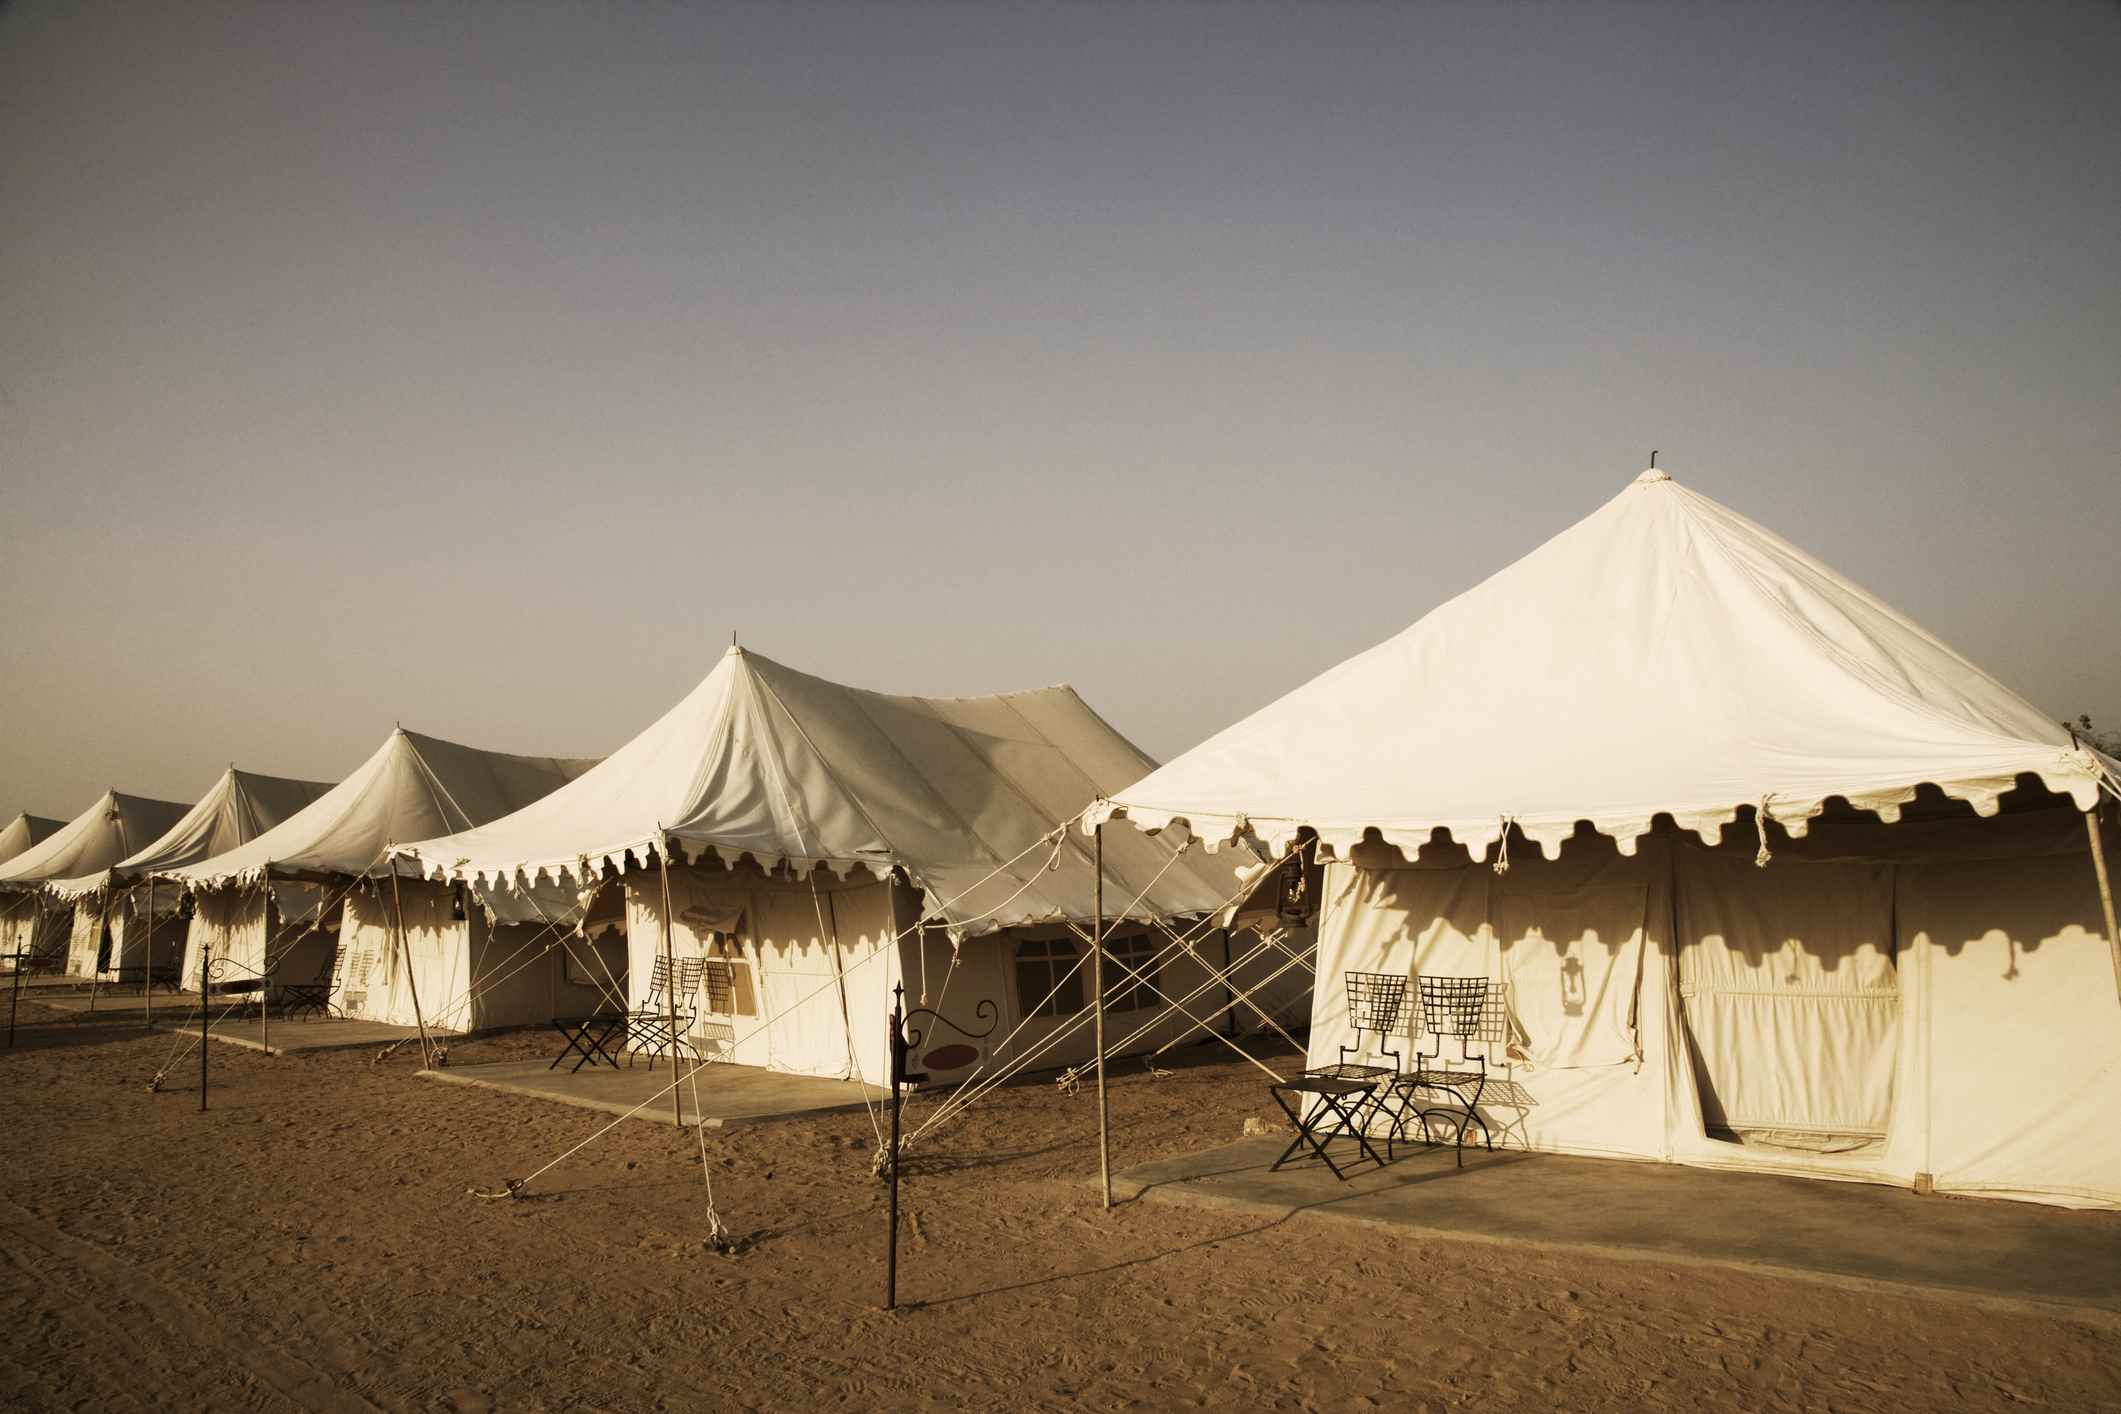 Tiendas de campaña en un paisaje, Jaisalmer, Rajasthan, India